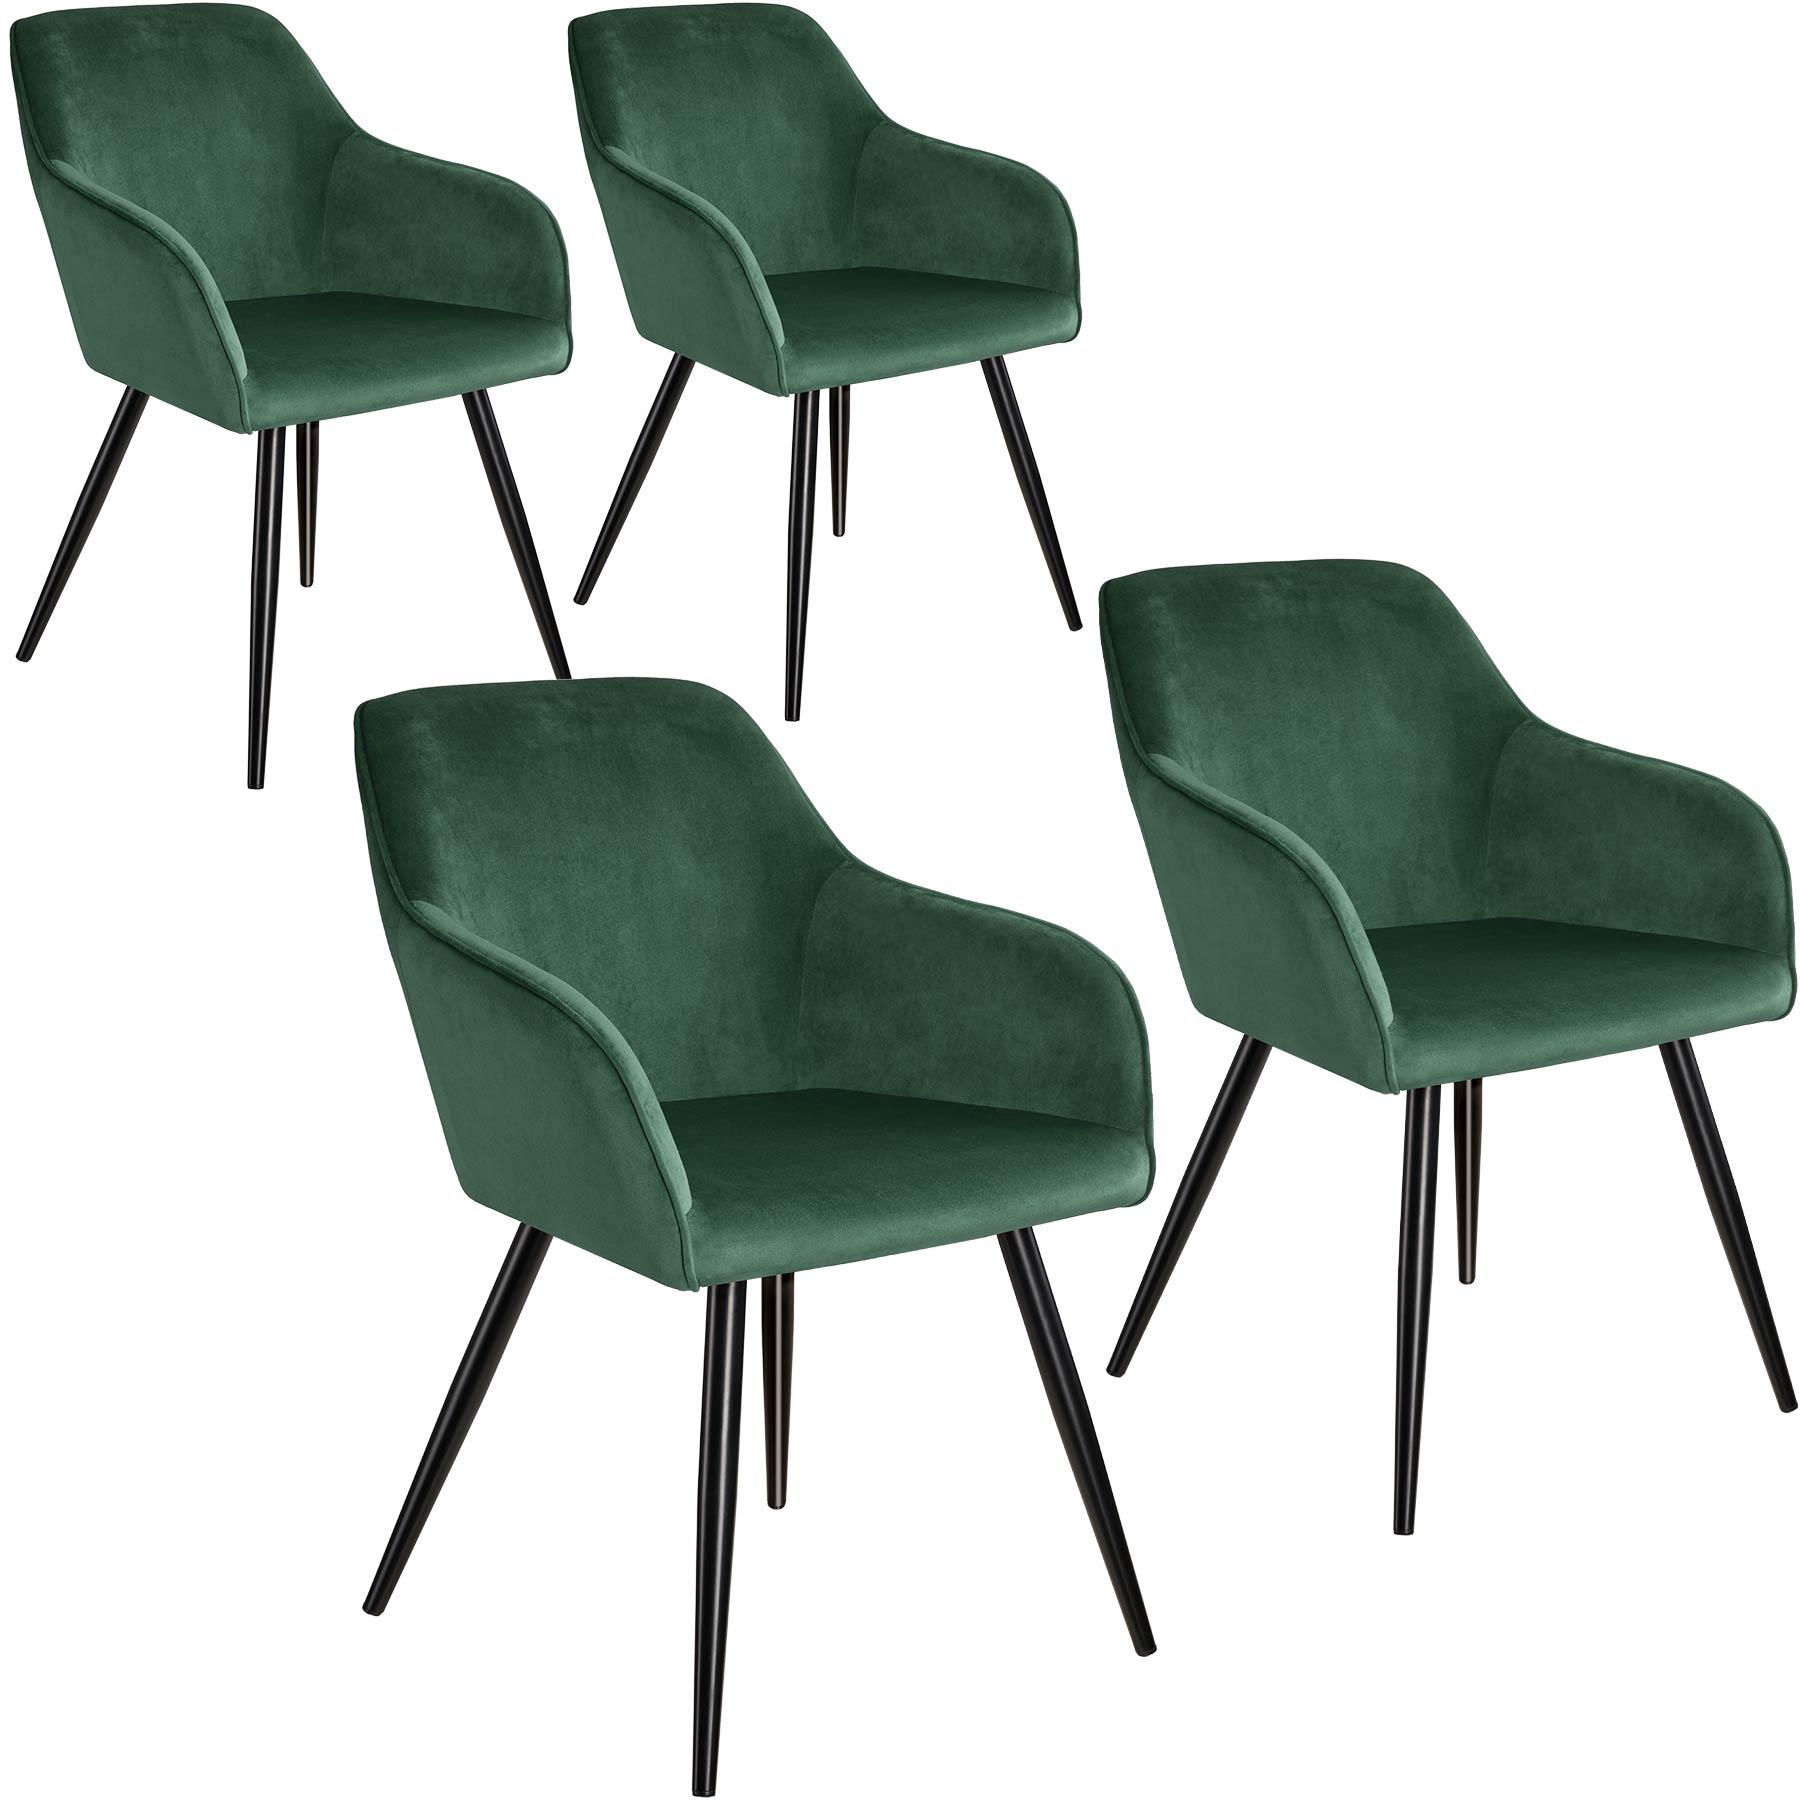 tectake 4 Marilyn Velvet-Look Chairs - dark green/black